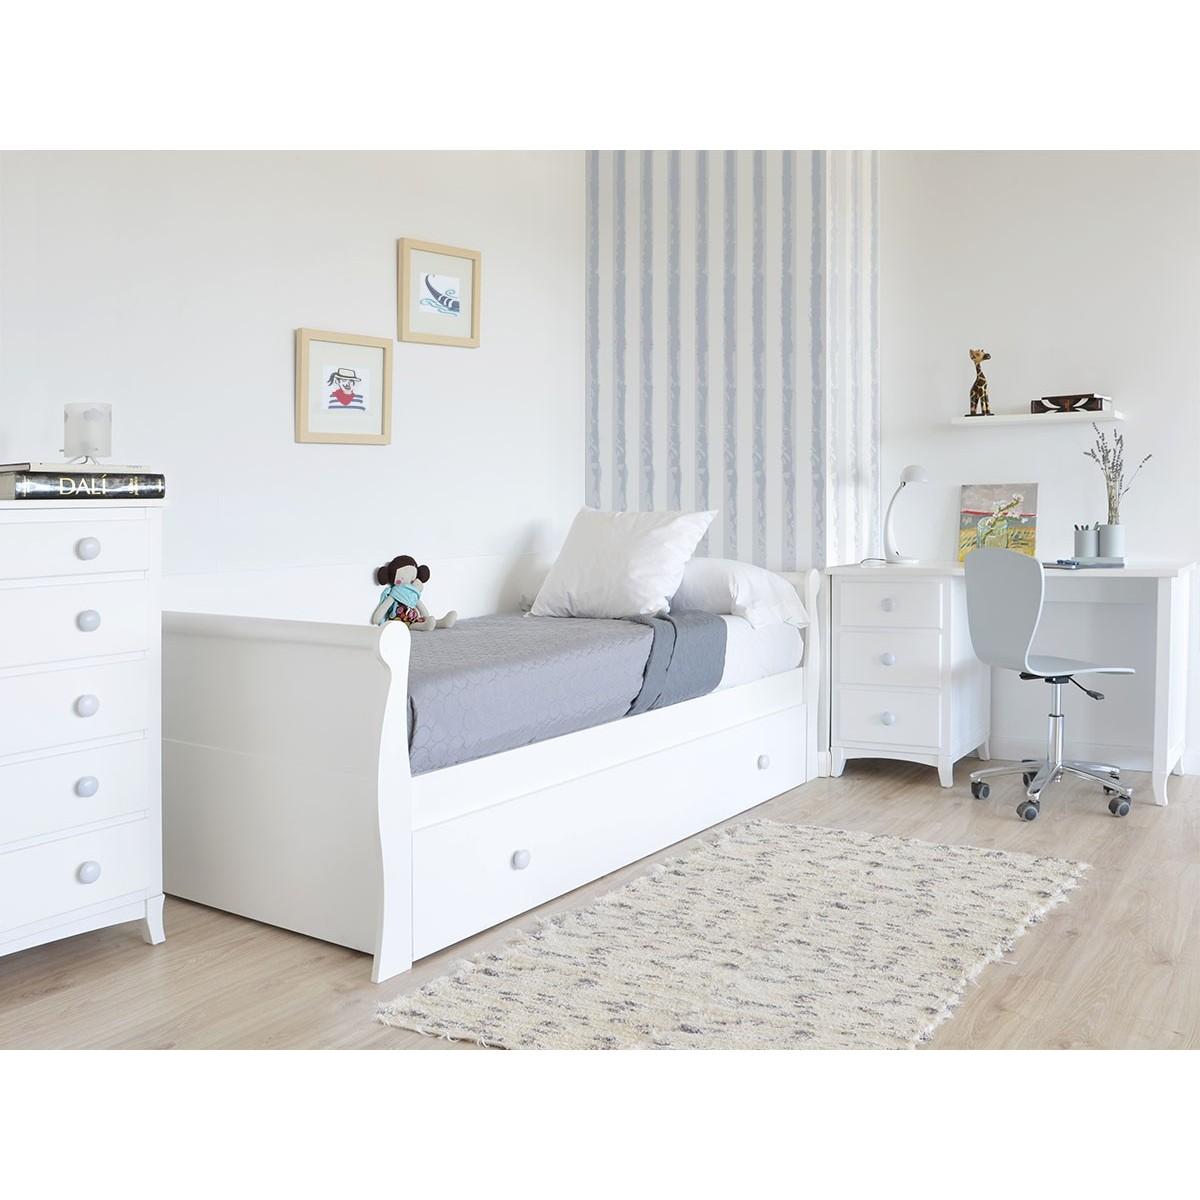 Dormitorio juvenil nido gondola for Dormitorios infantiles y juveniles